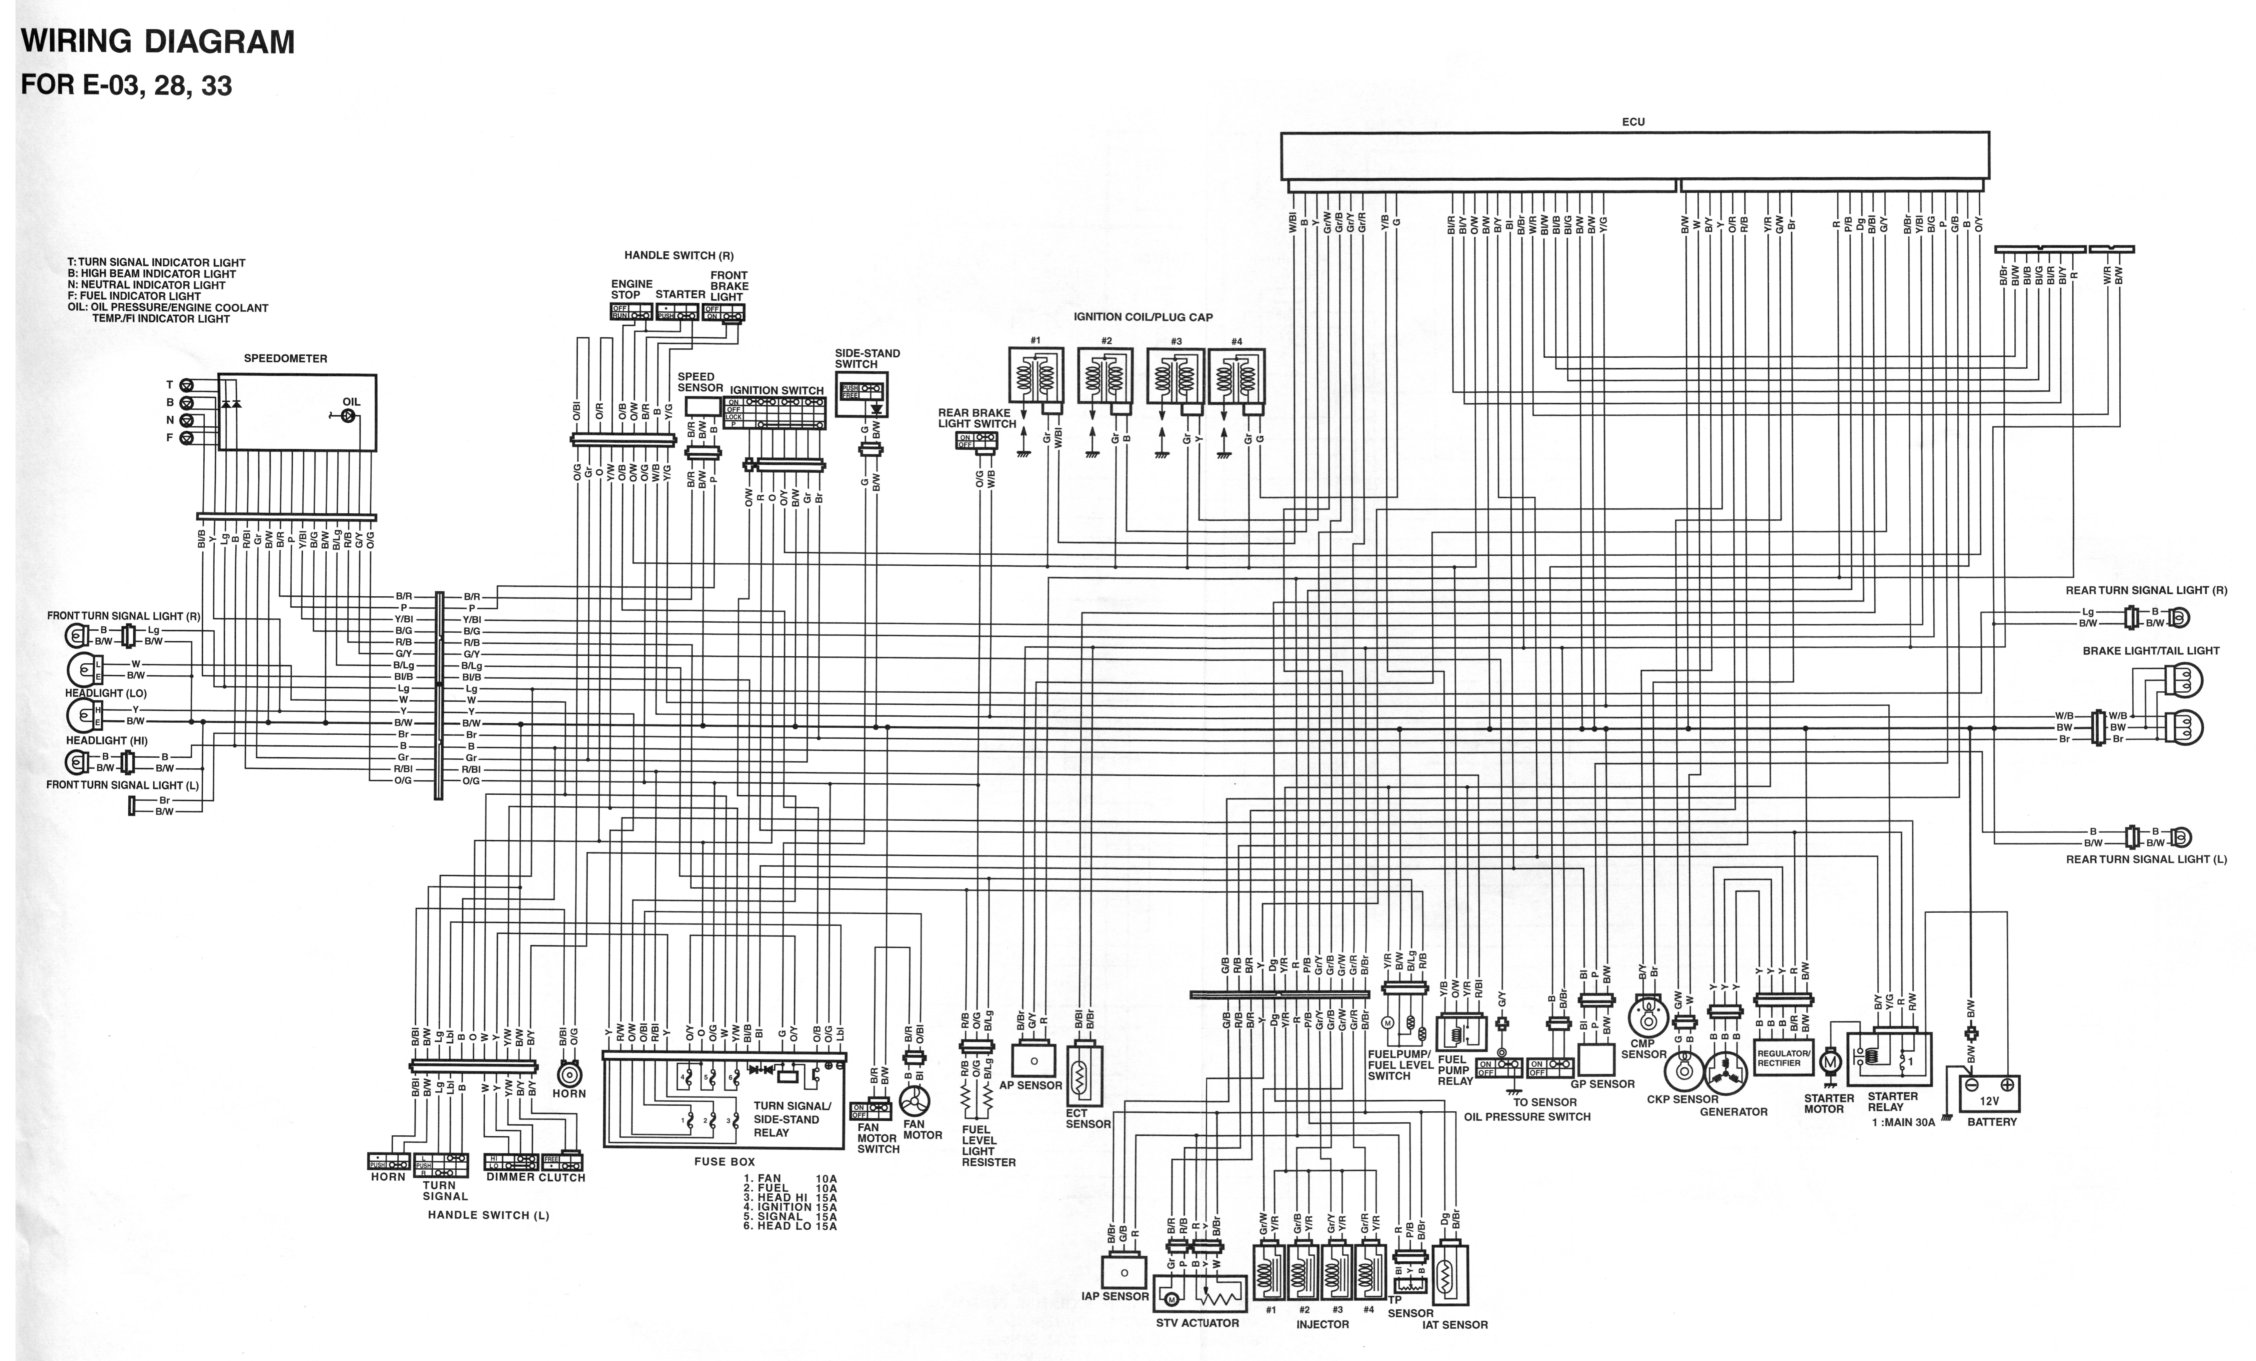 2007 suzuki gsxr 750 wiring diagram 1995 ford econoline radio 2000 free engine image for